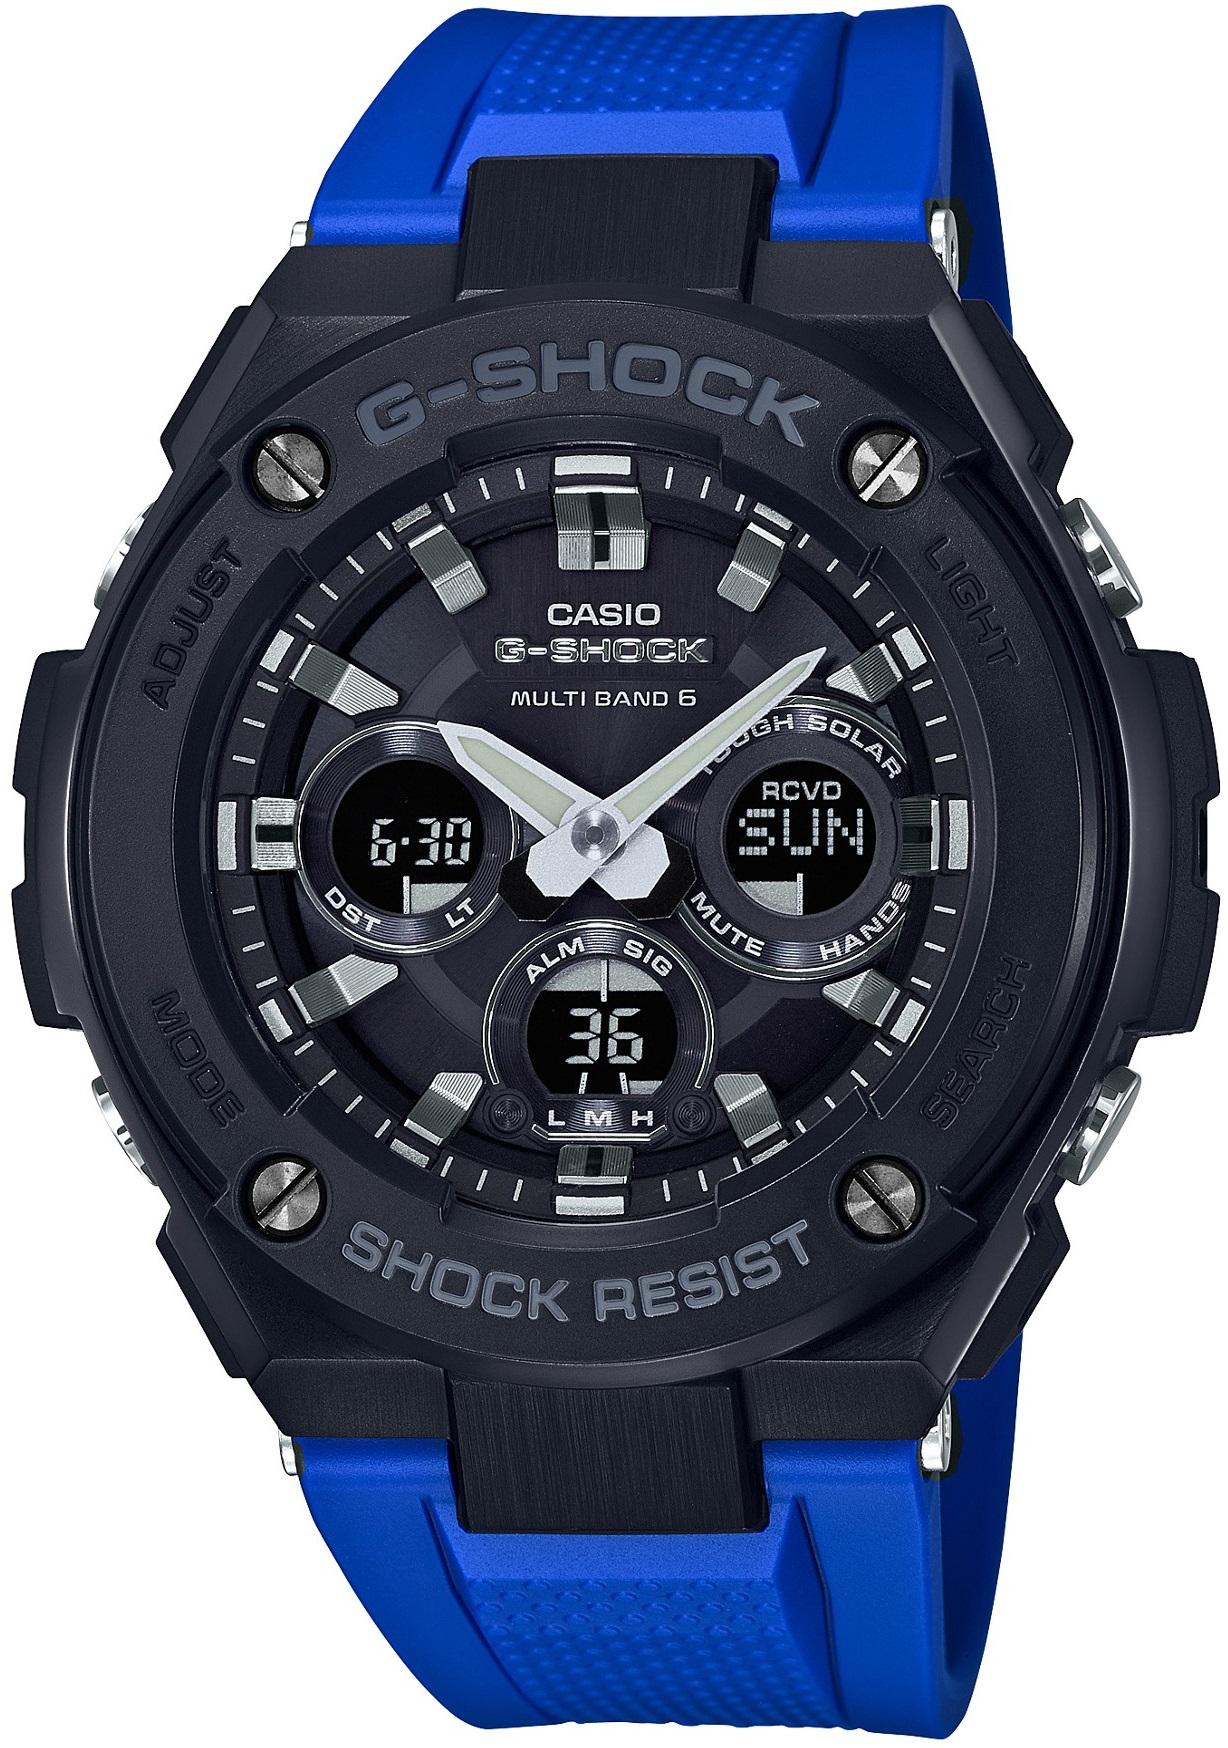 Мужские часы Casio G-Shock GST-W300G-2A1ER